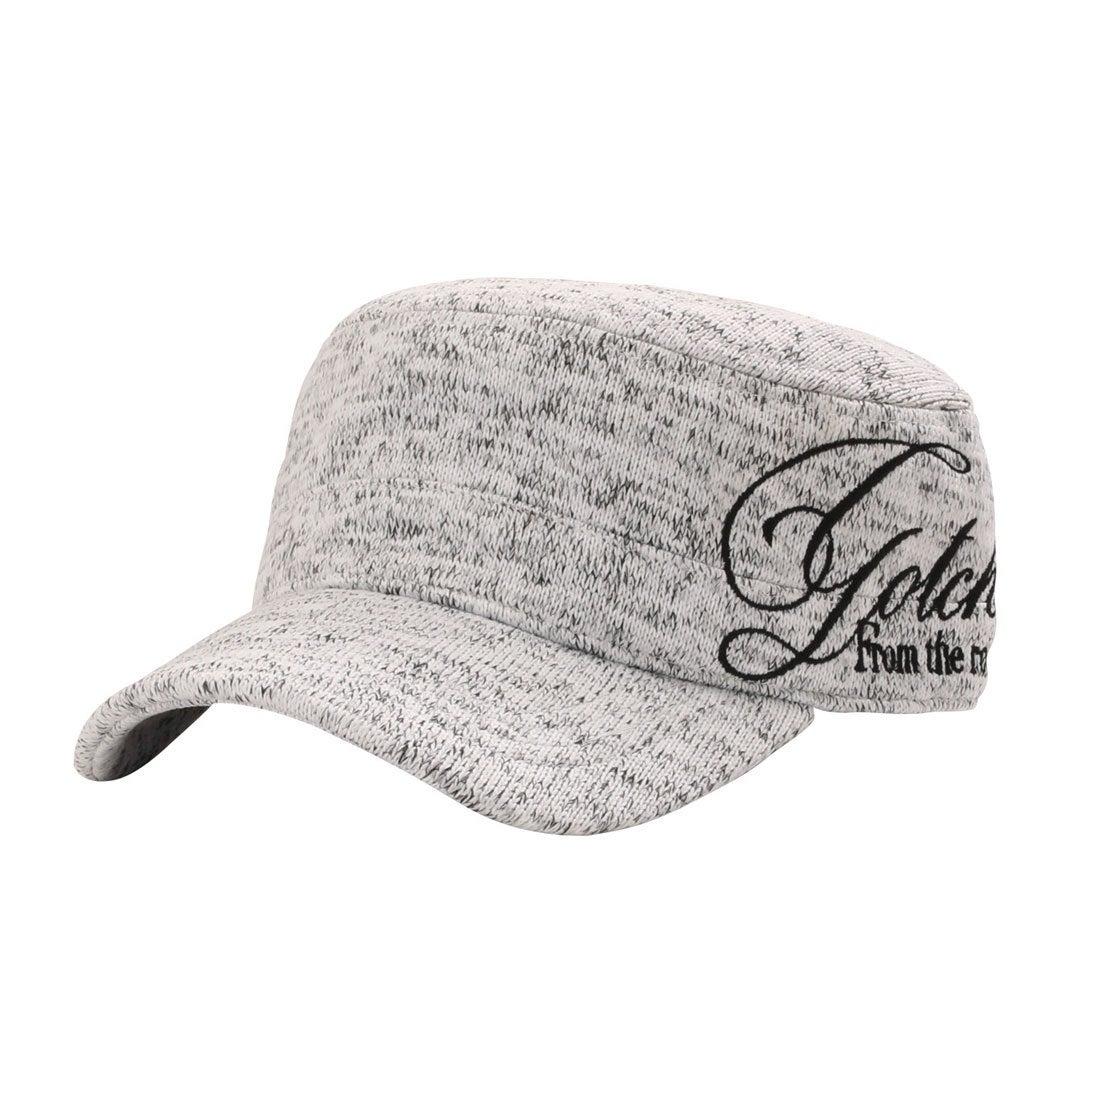 ガッチャゴルフ Gotcha Golf ポリエステル杢ワークキャップ (シロモク) メンズ